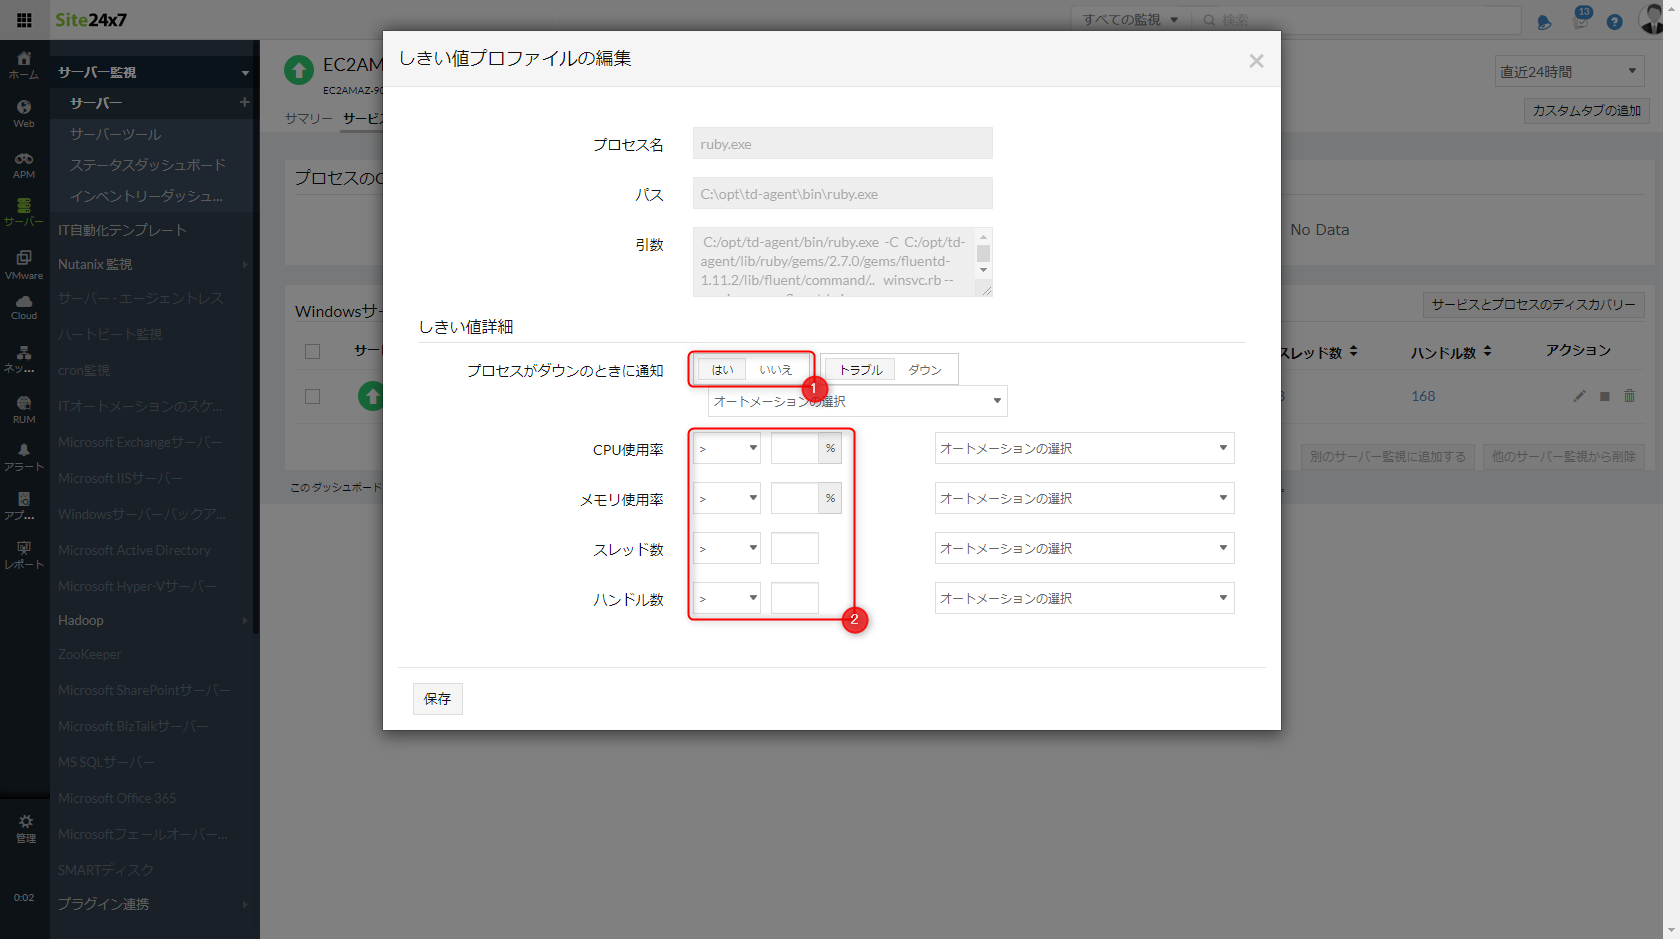 プロセス監視の閾値を設定する手順Windows編